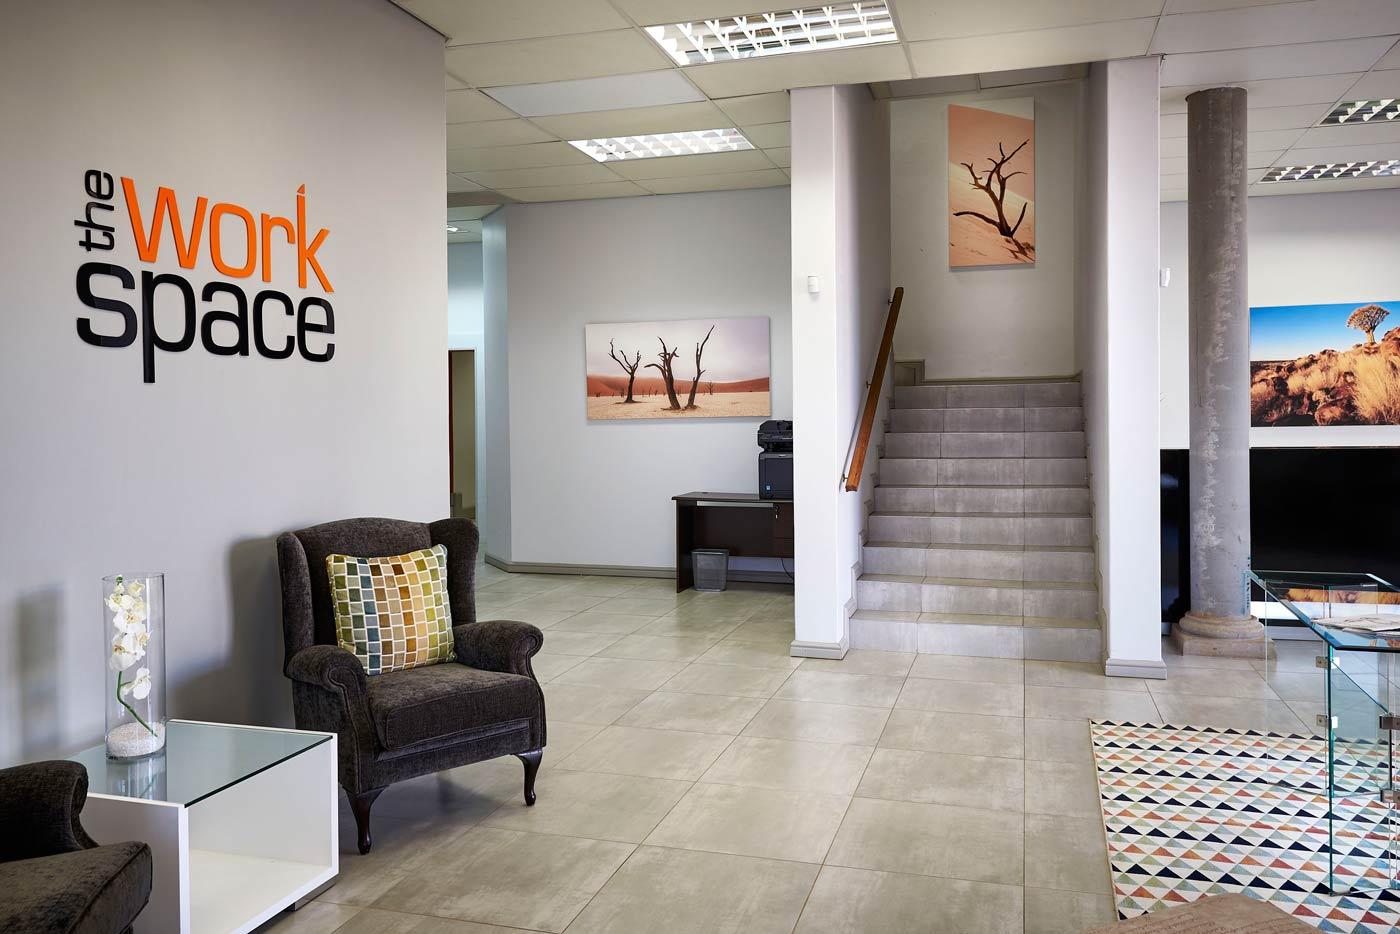 The Workspace Centurion